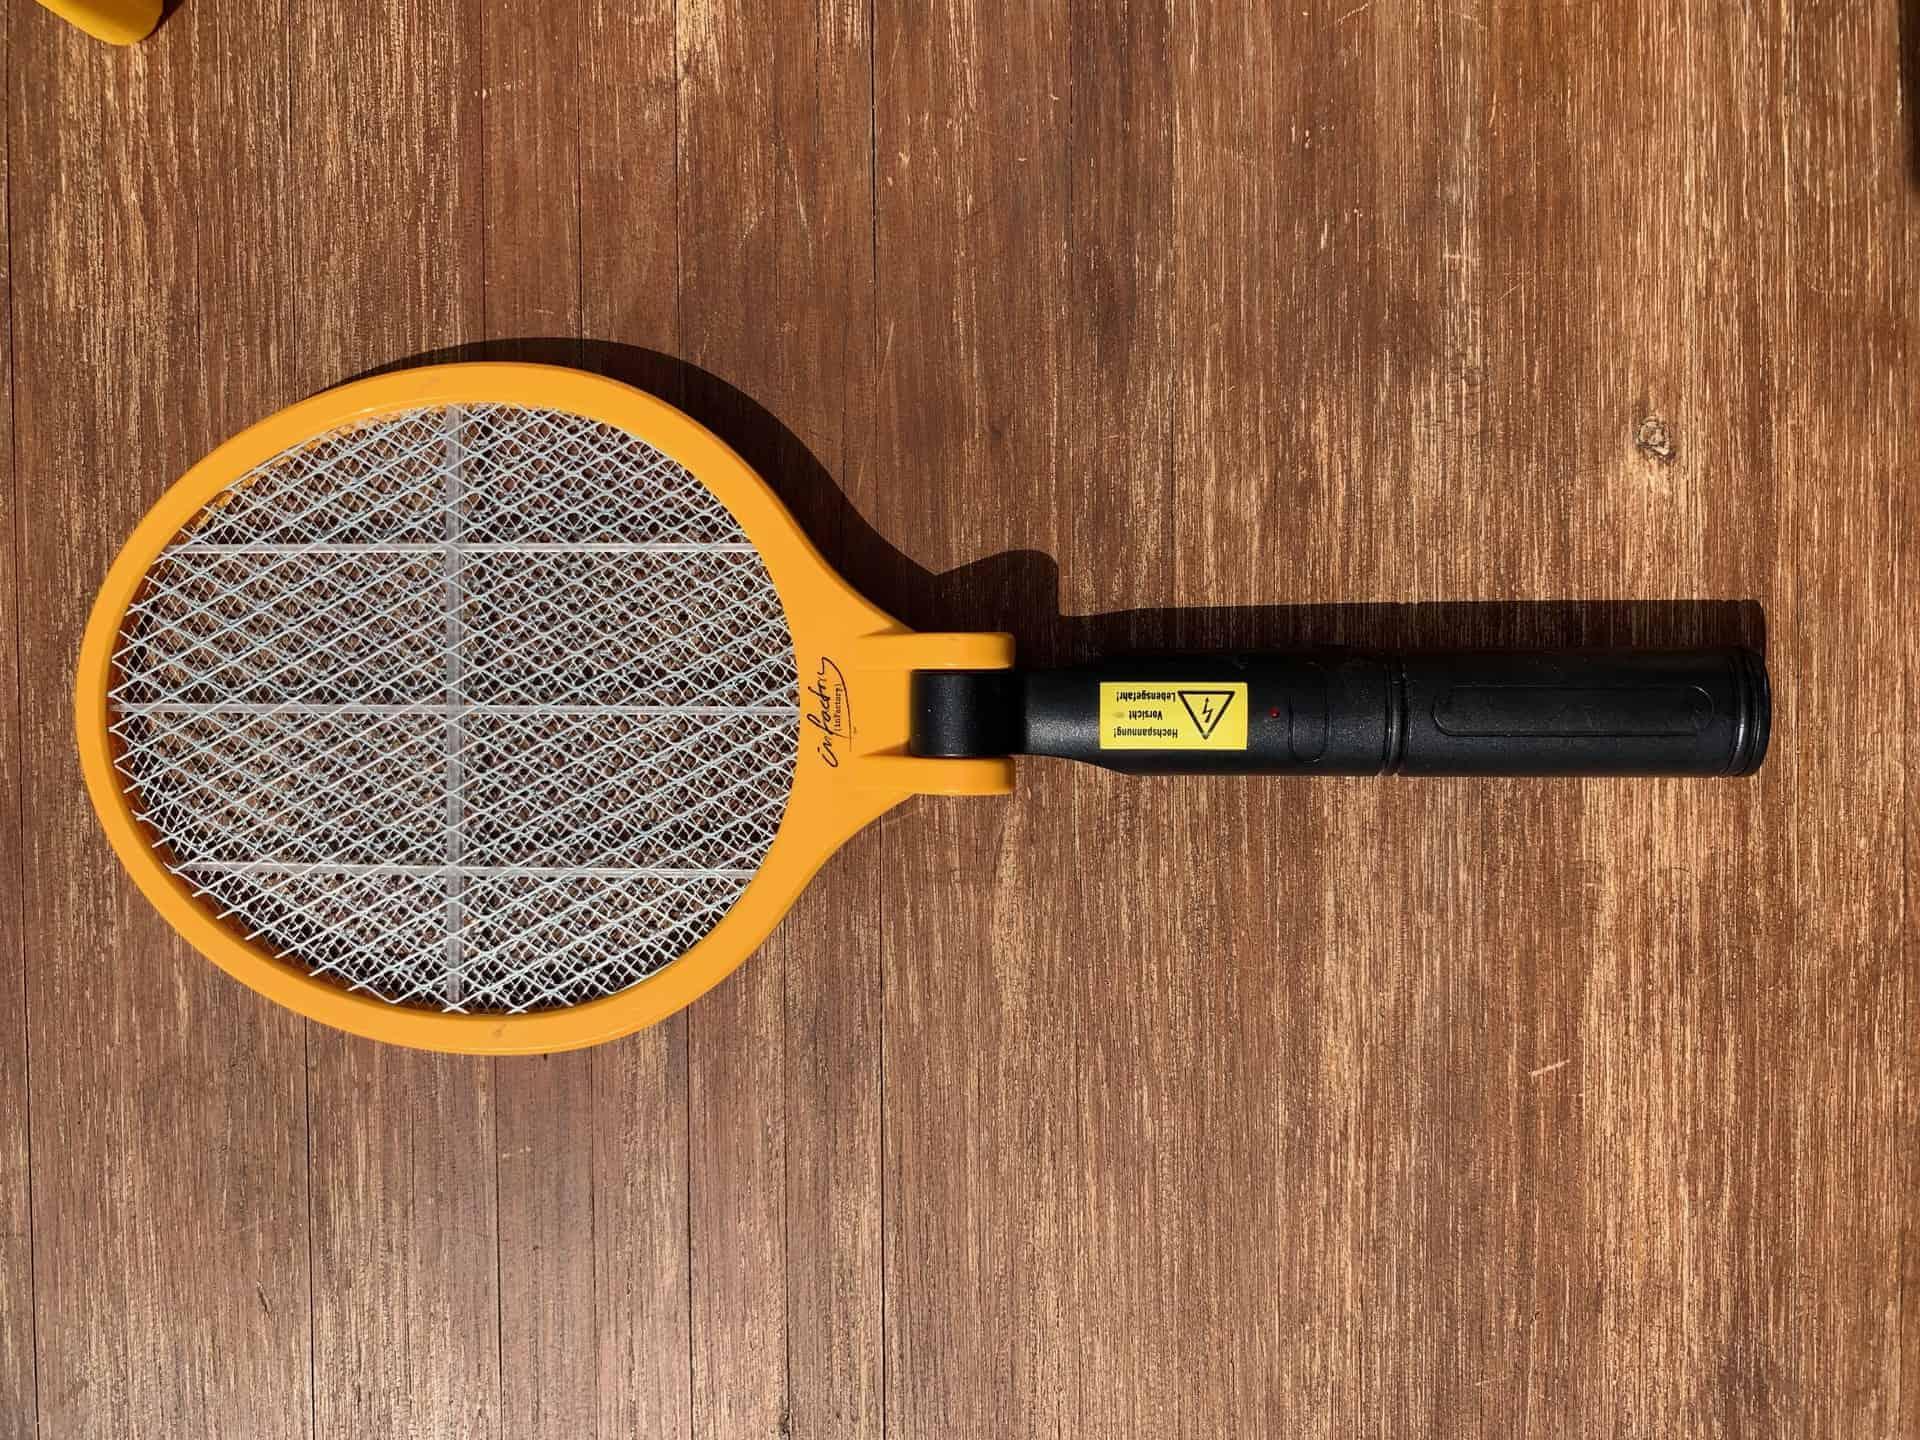 Mückenschutz_Tennisschläger_Mückenkiller_Der_Gerät